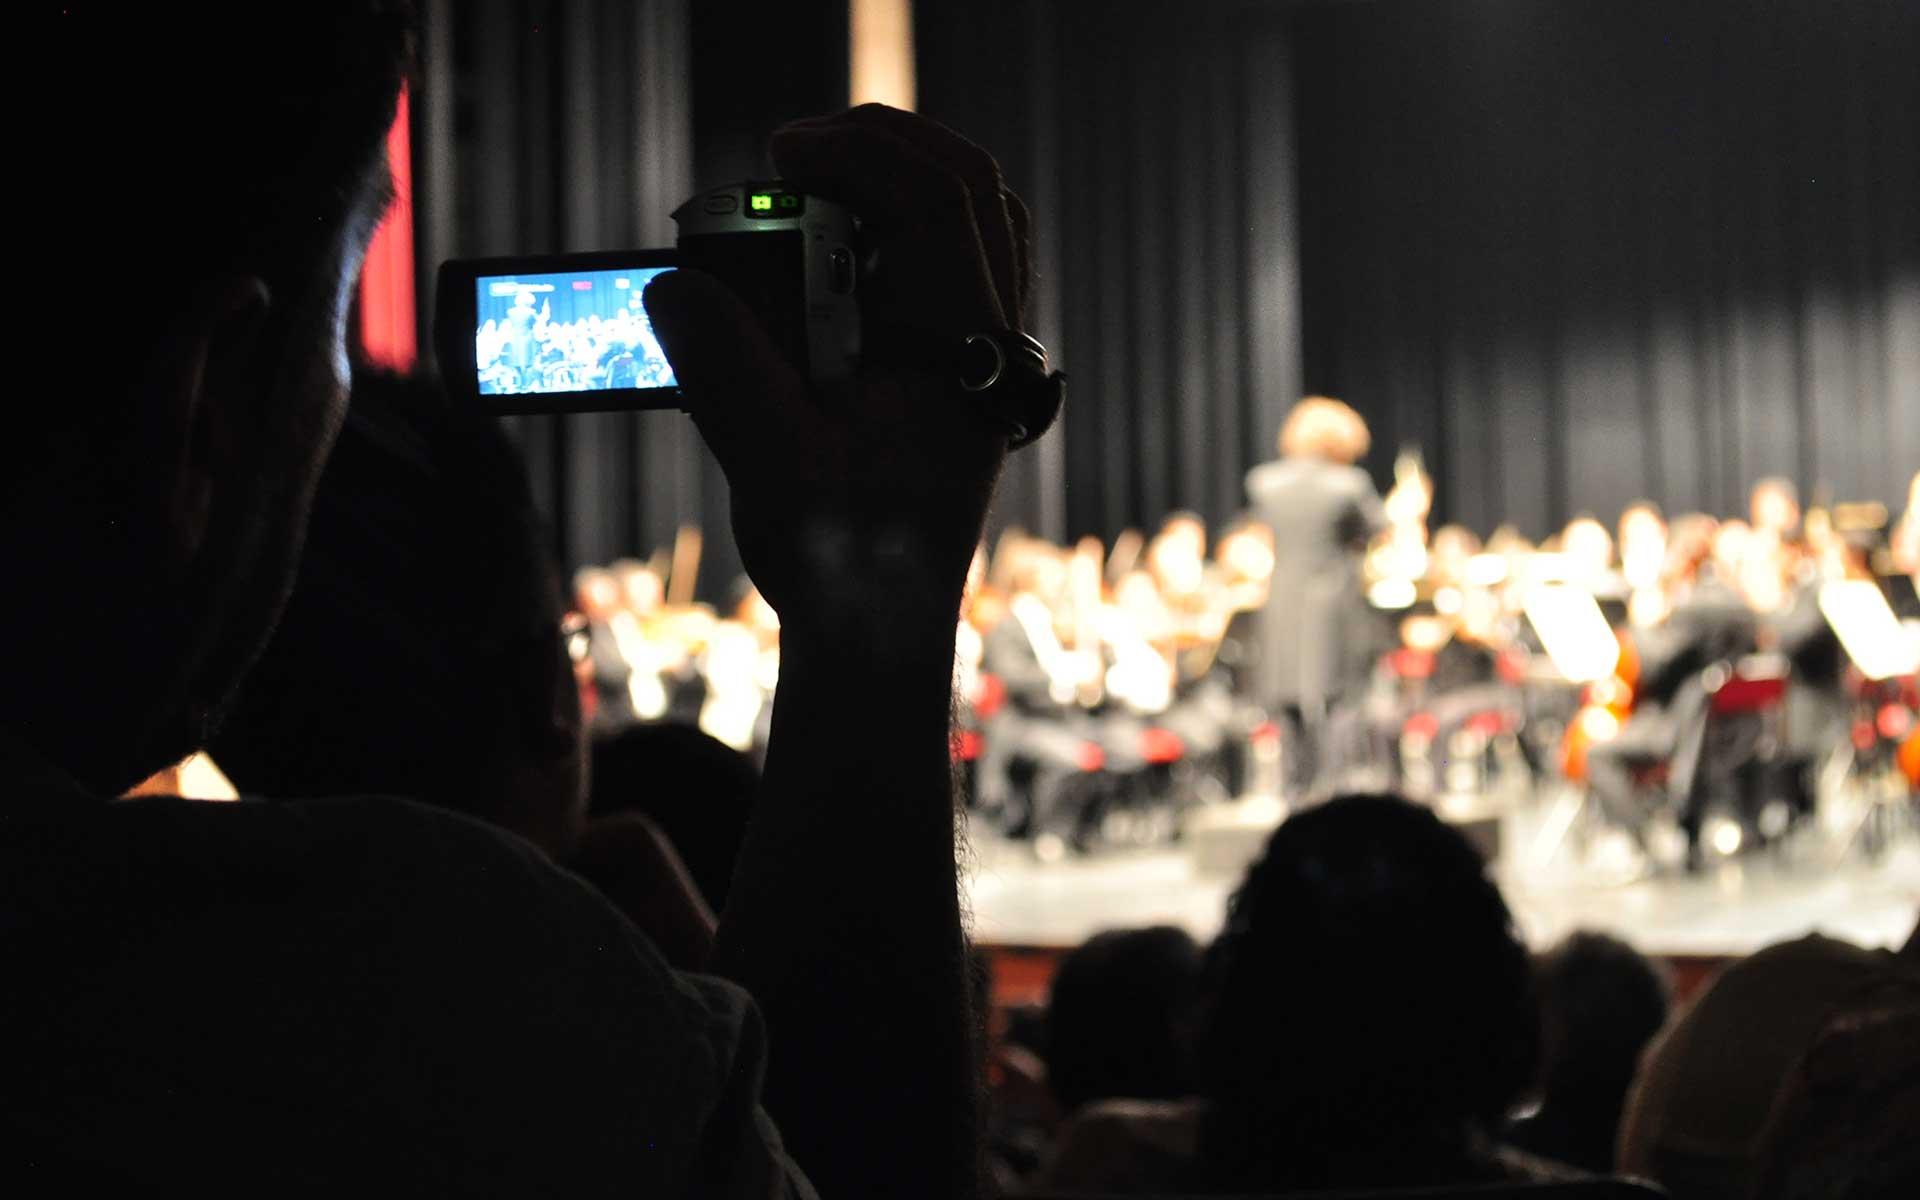 Concierto de la Sinfónica del Estado de Michoacán del Festival de Música de Morelia 2013